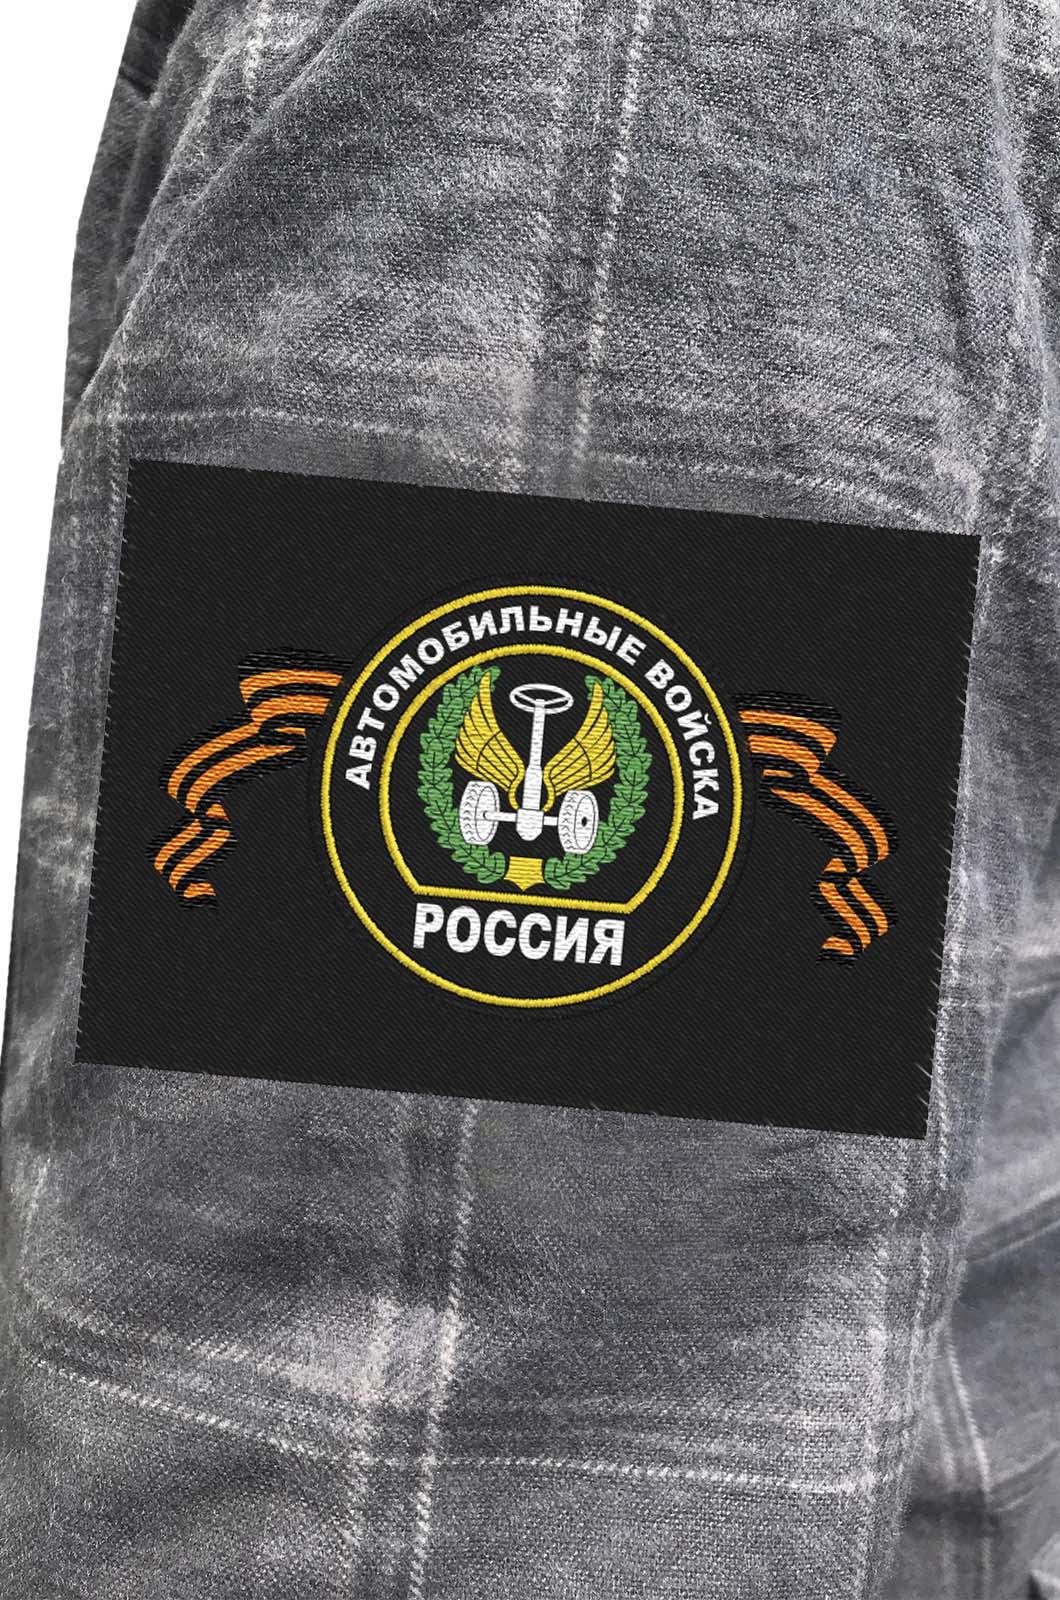 Клетчатая мужская рубашка с вышитым шевроном Автомобильные Войска - купить в подарок